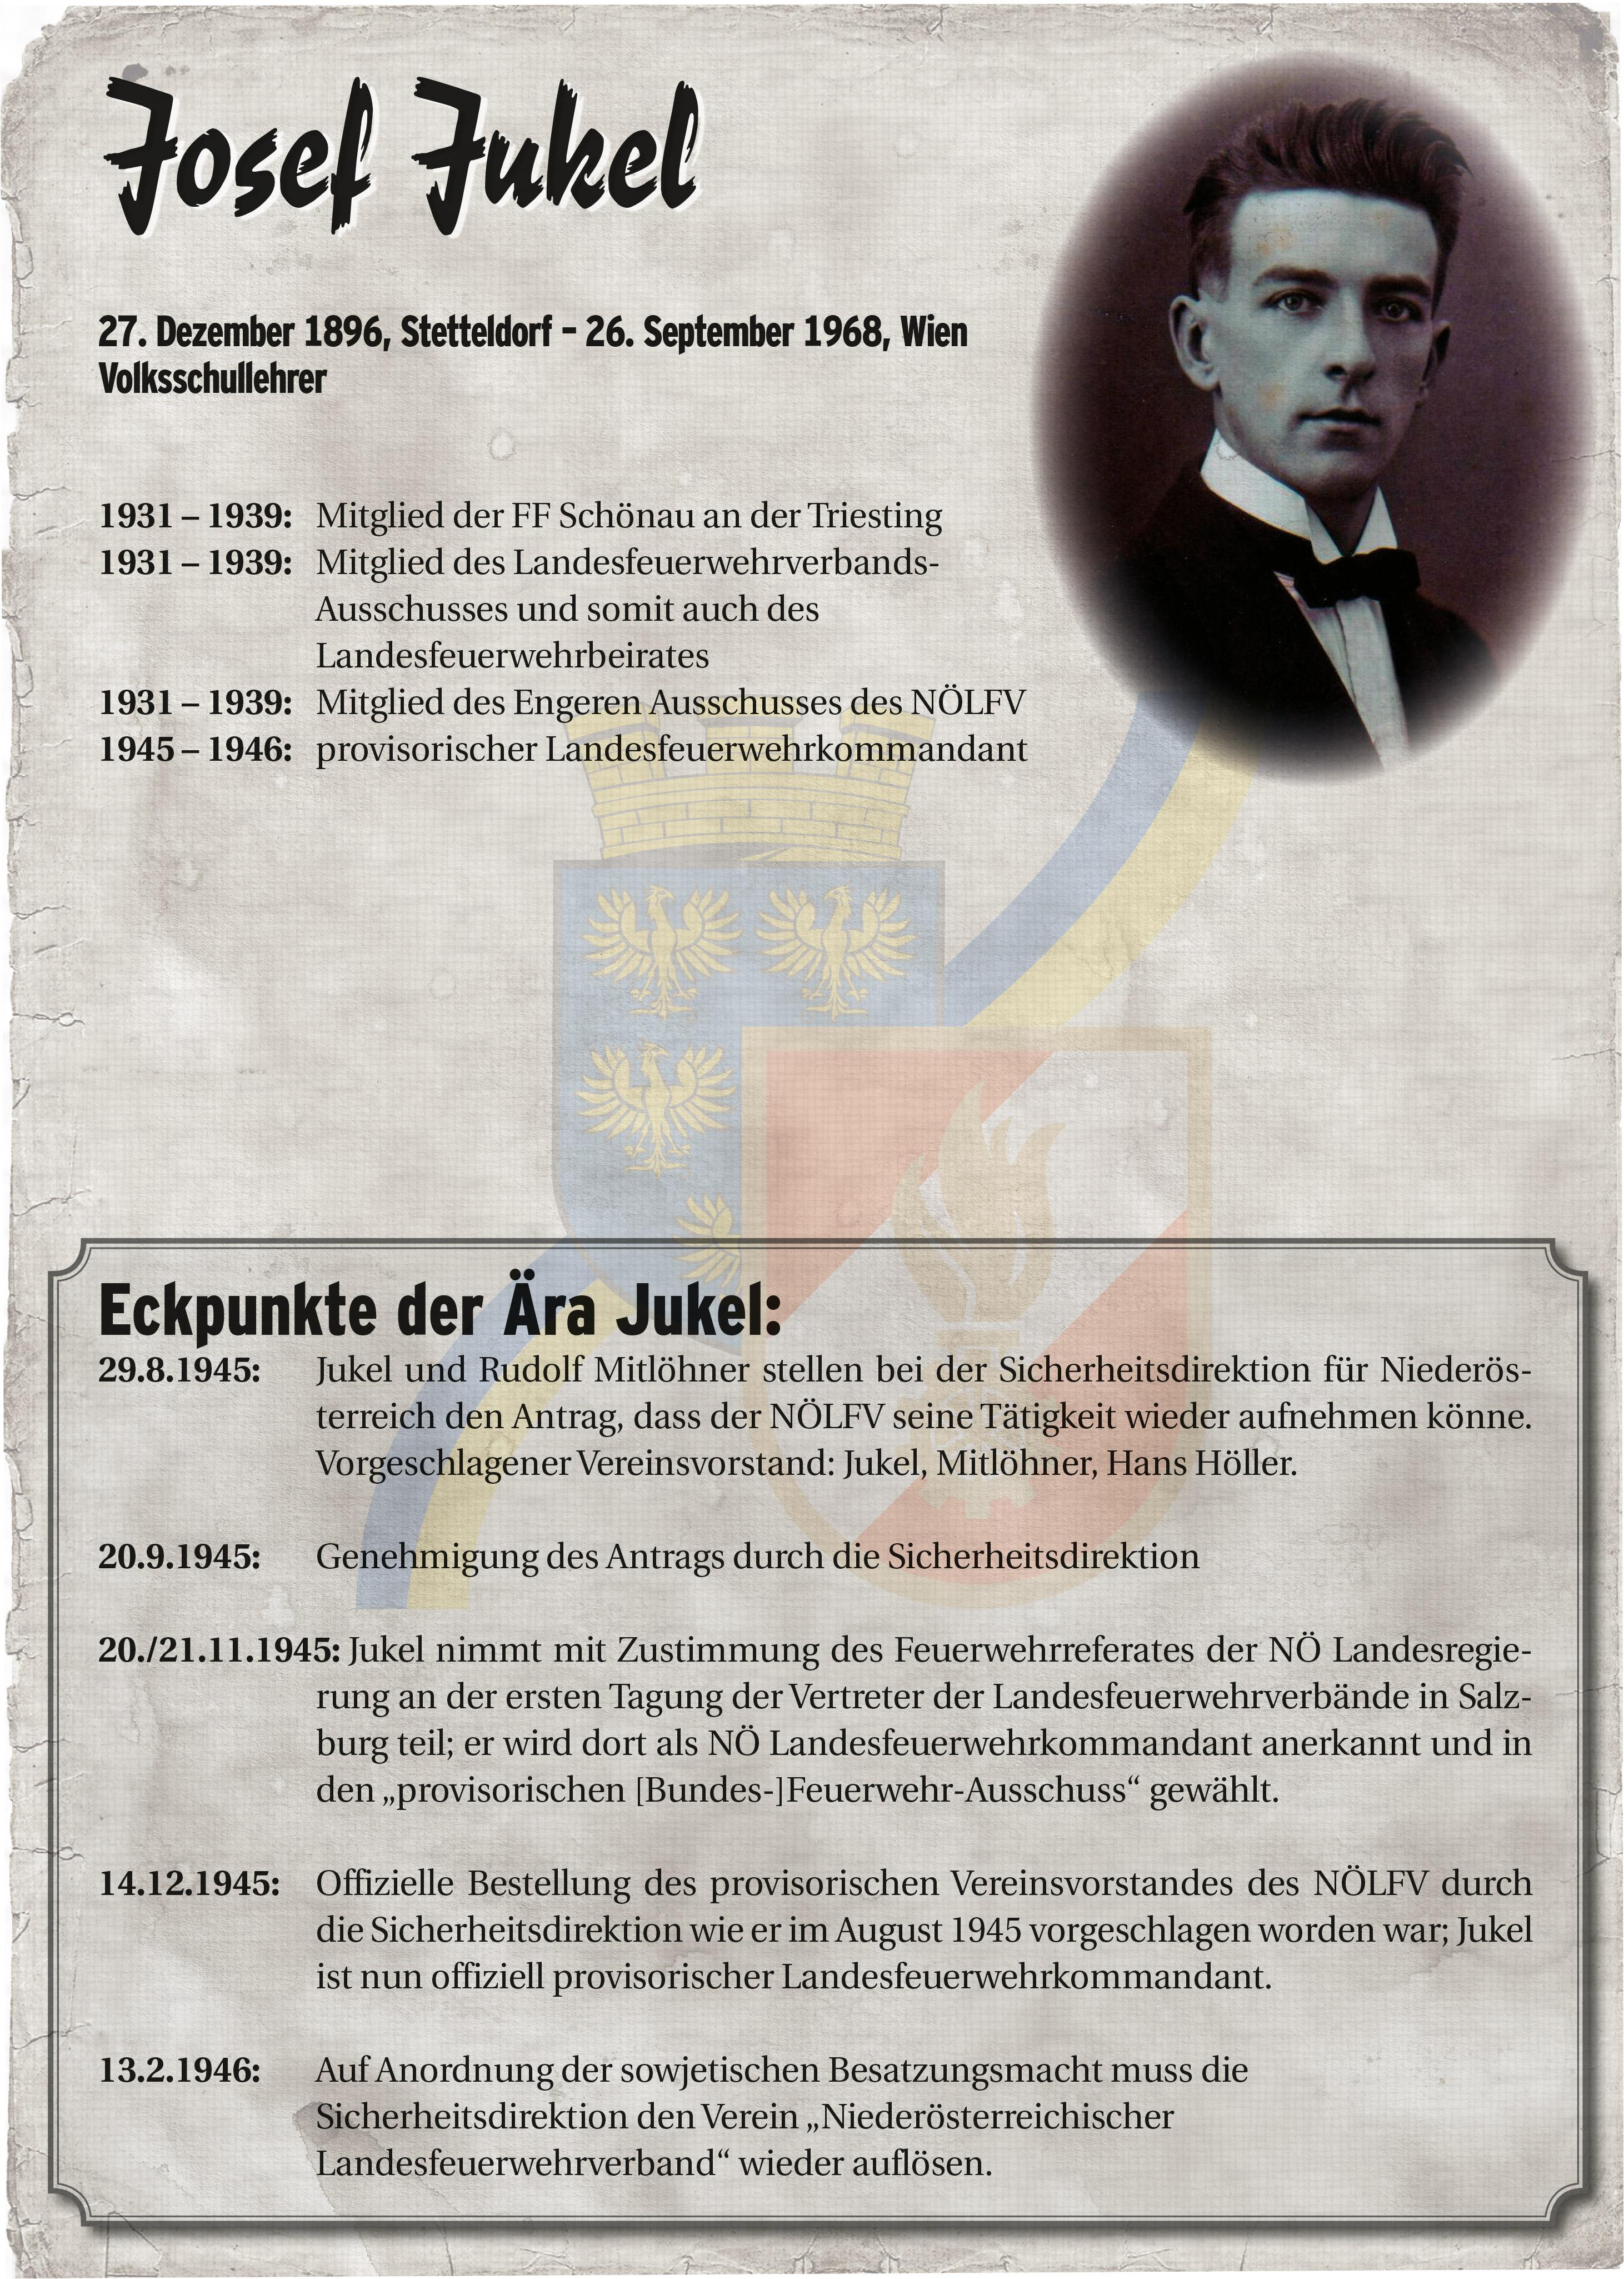 Infoblatt zur Zeit von Josef Jukel